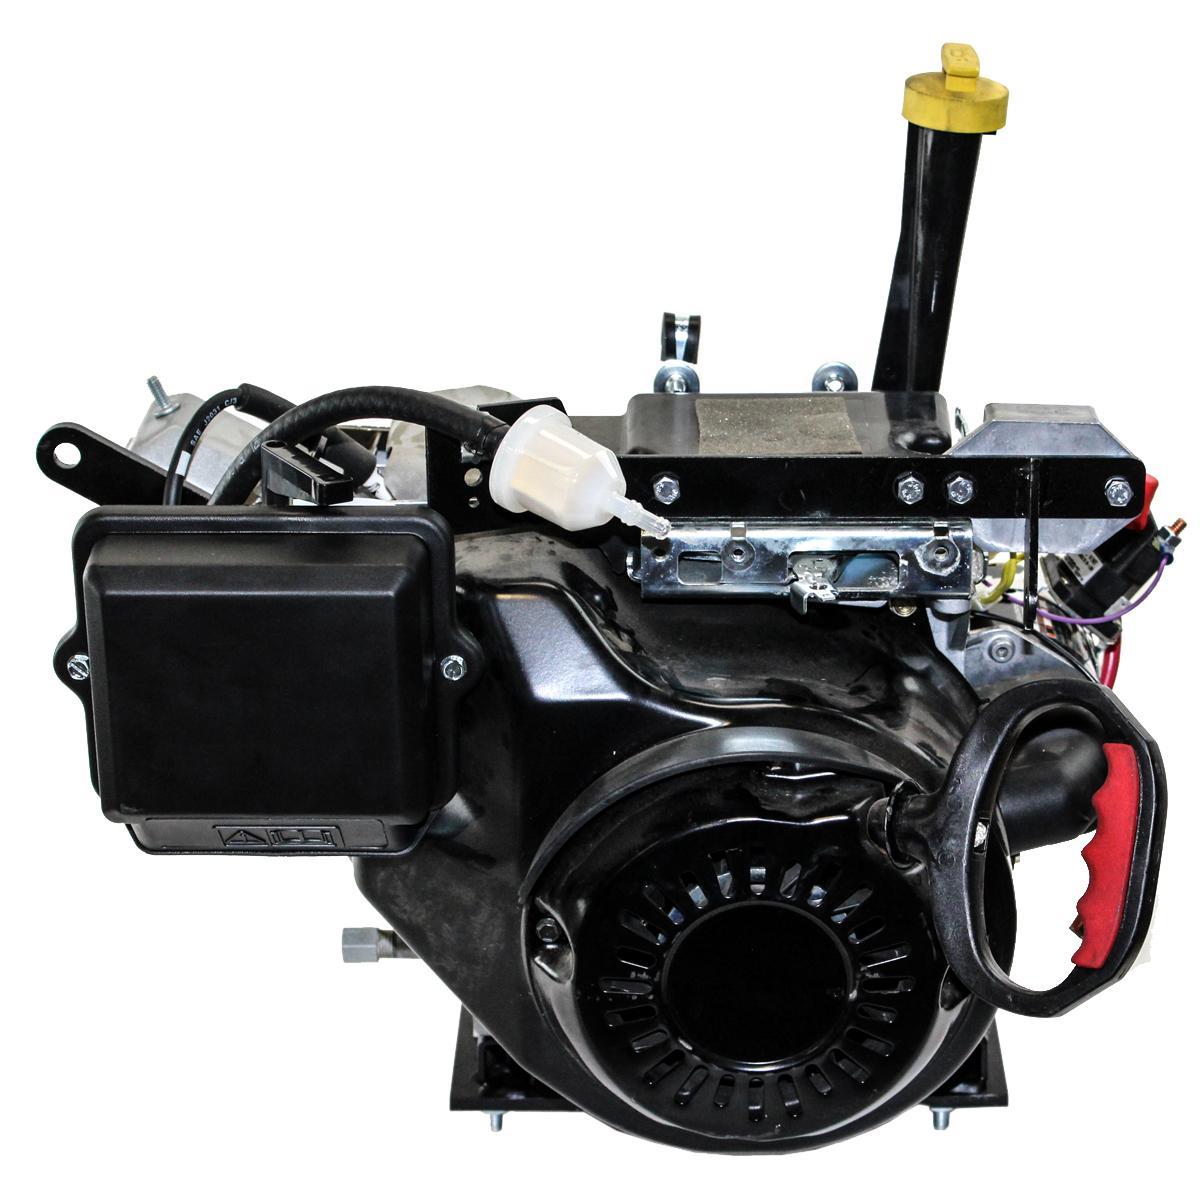 John Deere Gator 4x2 Repower